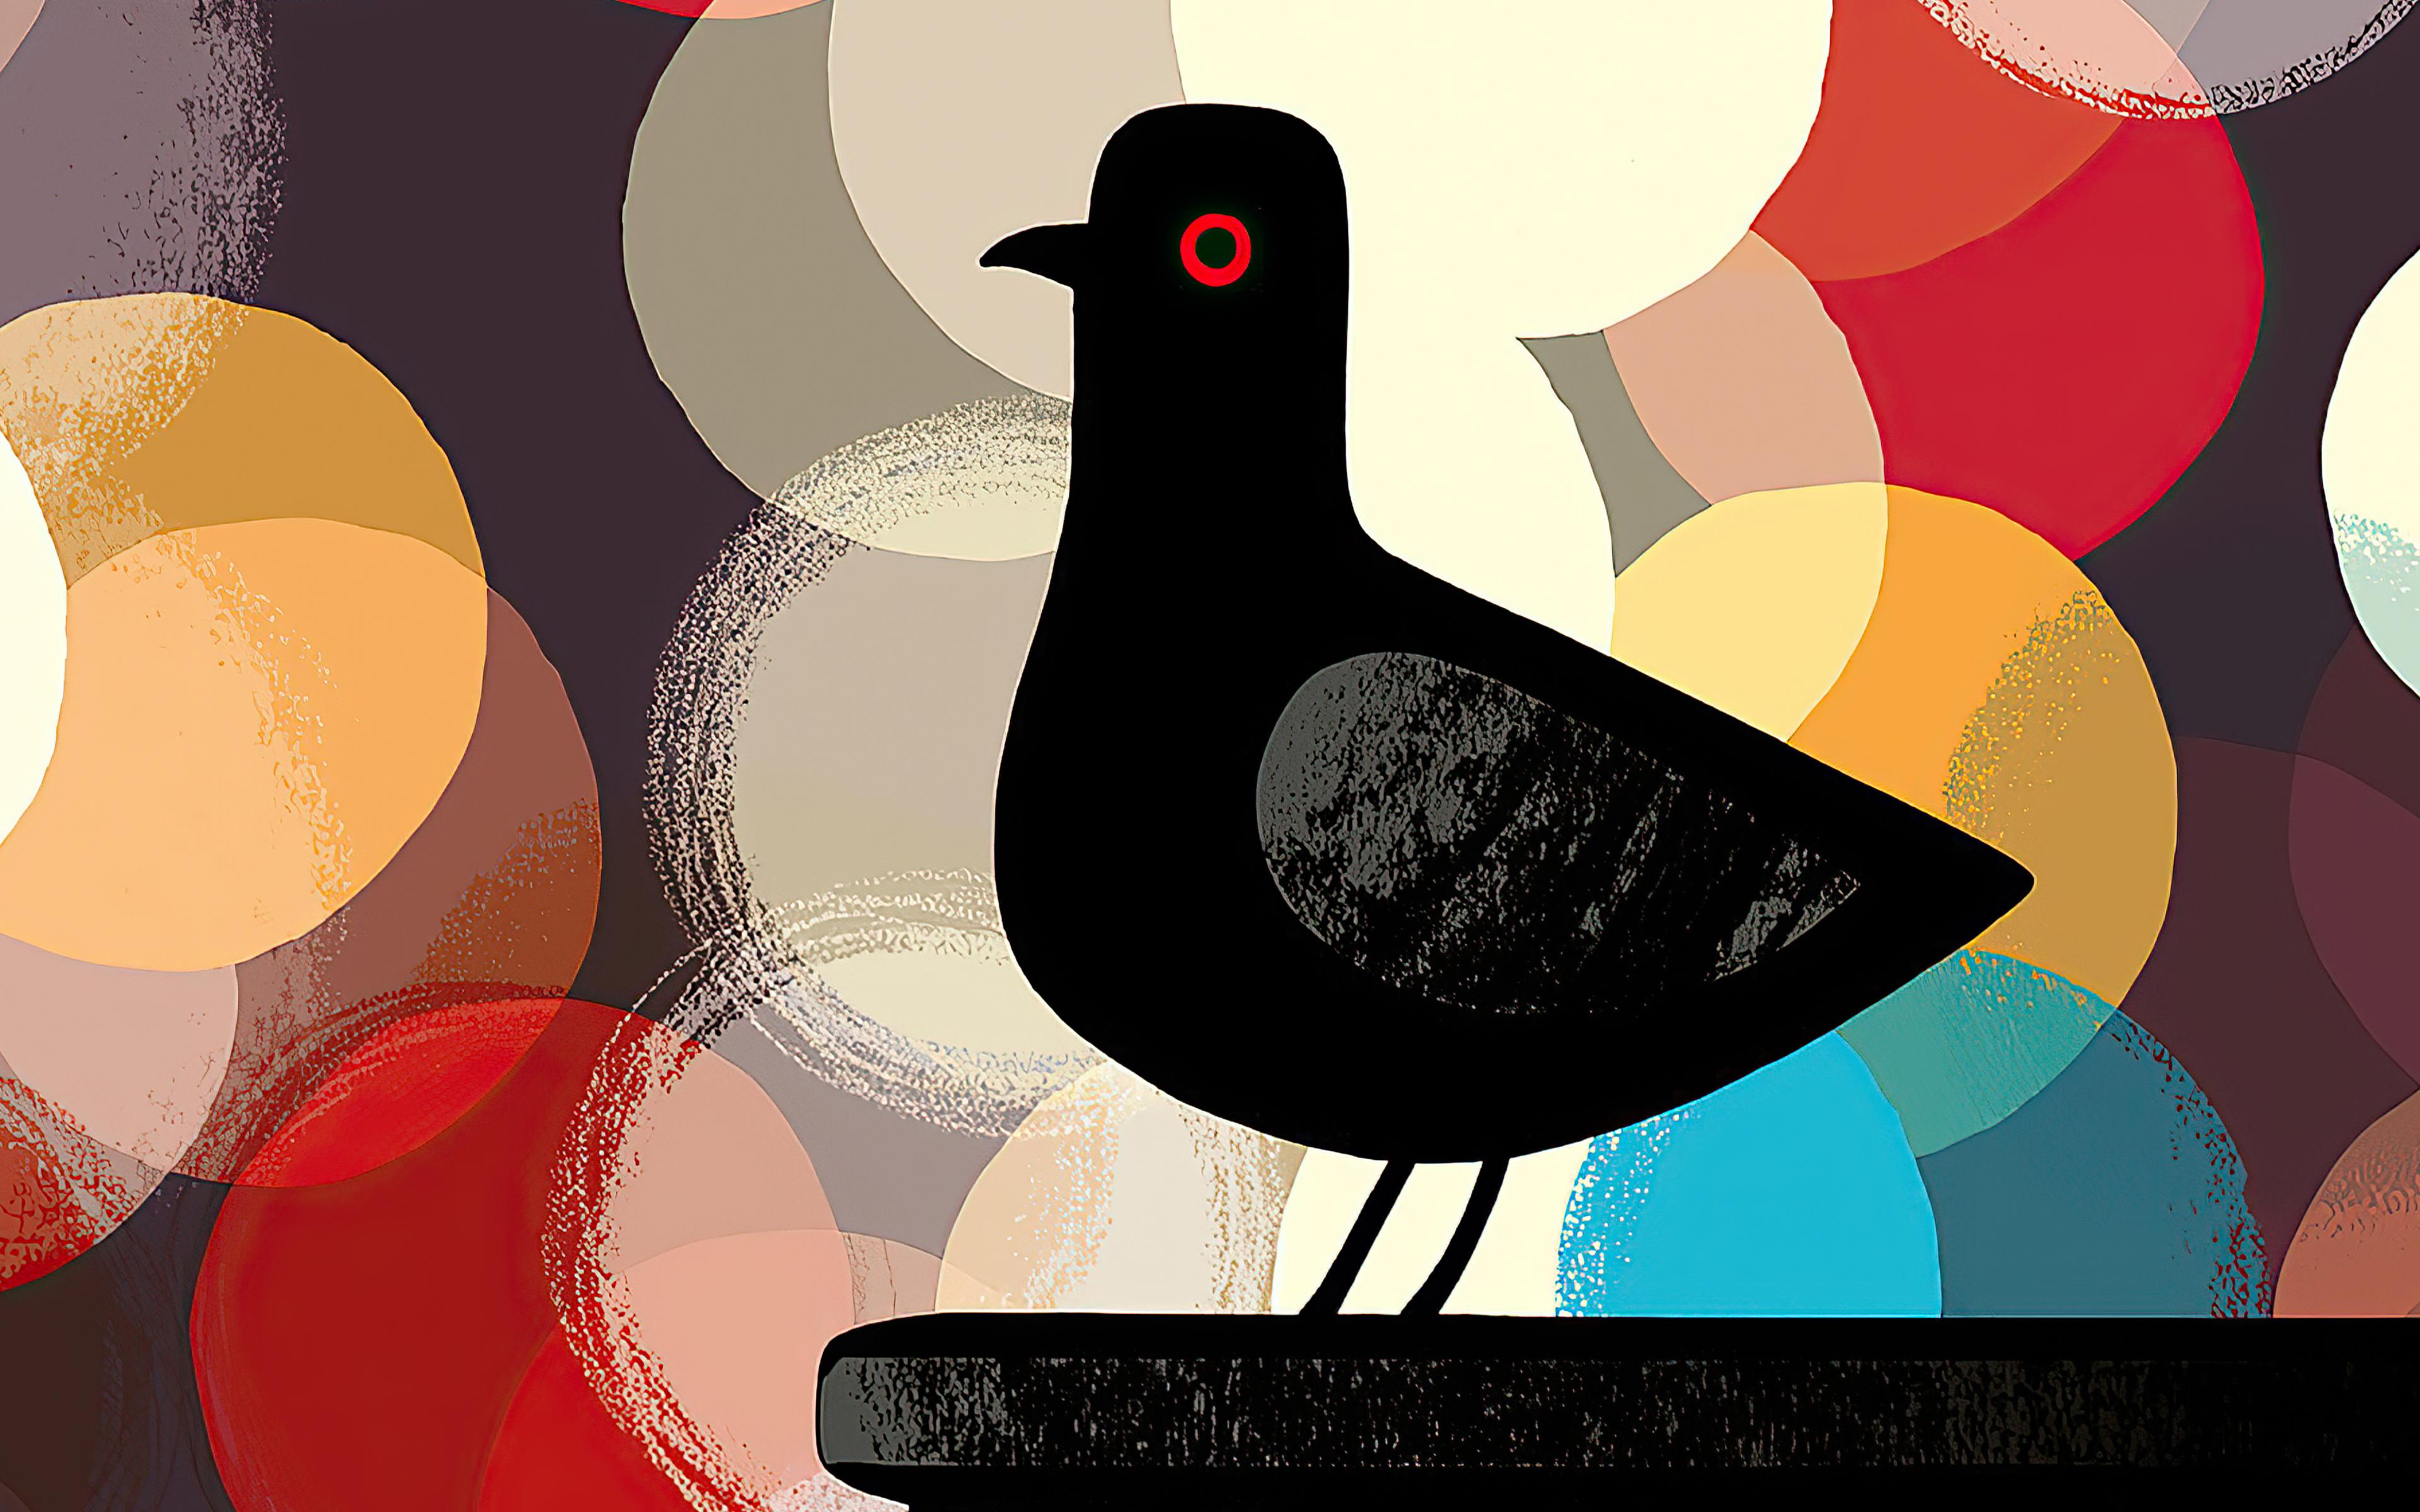 pigeon-artistic-art-eu.jpg